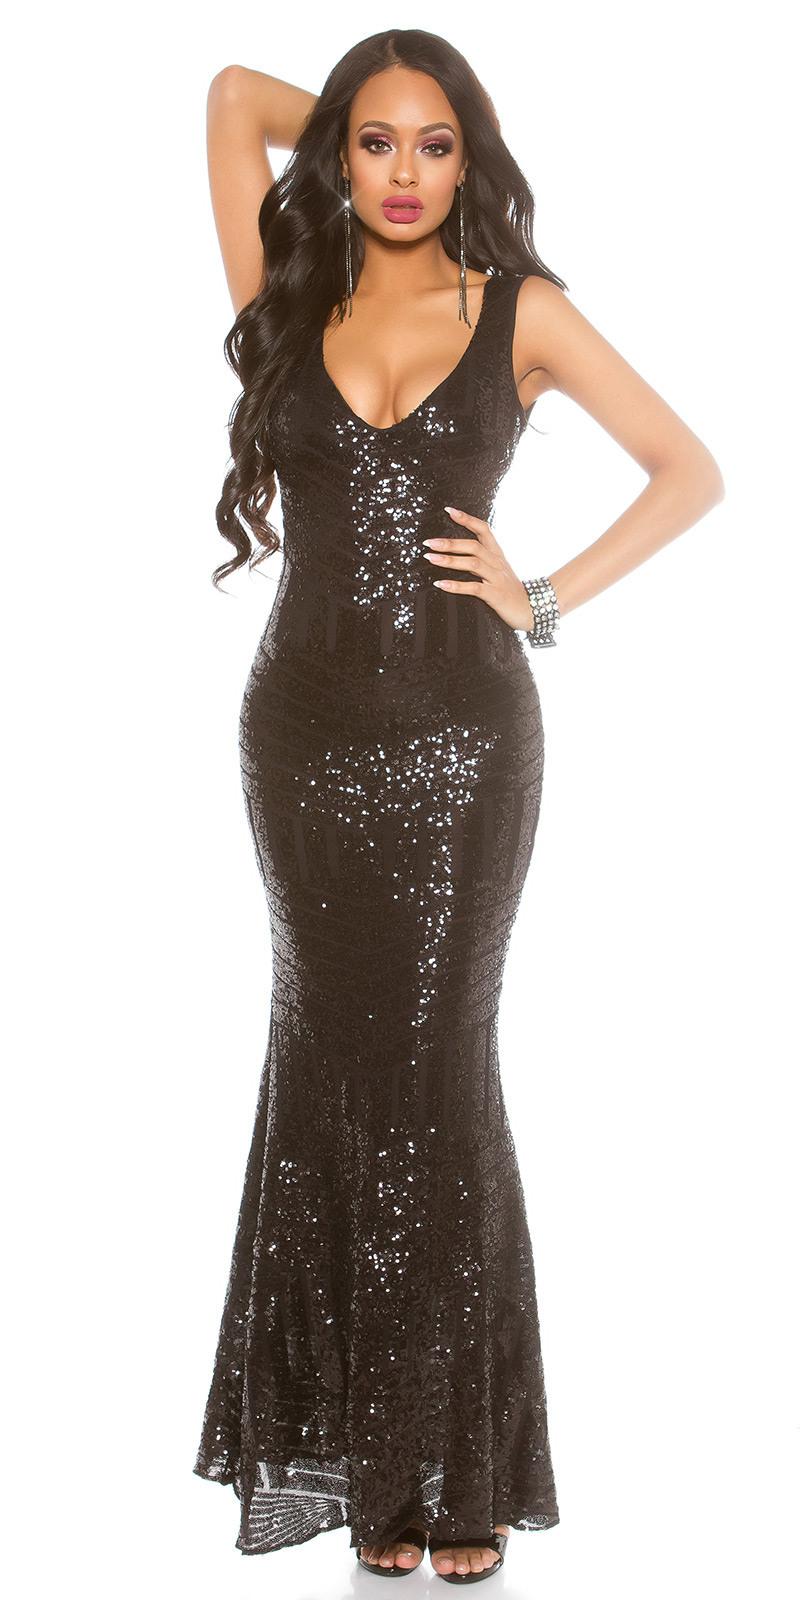 13 Einzigartig Abendkleid Rückenausschnitt ÄrmelAbend Cool Abendkleid Rückenausschnitt Bester Preis